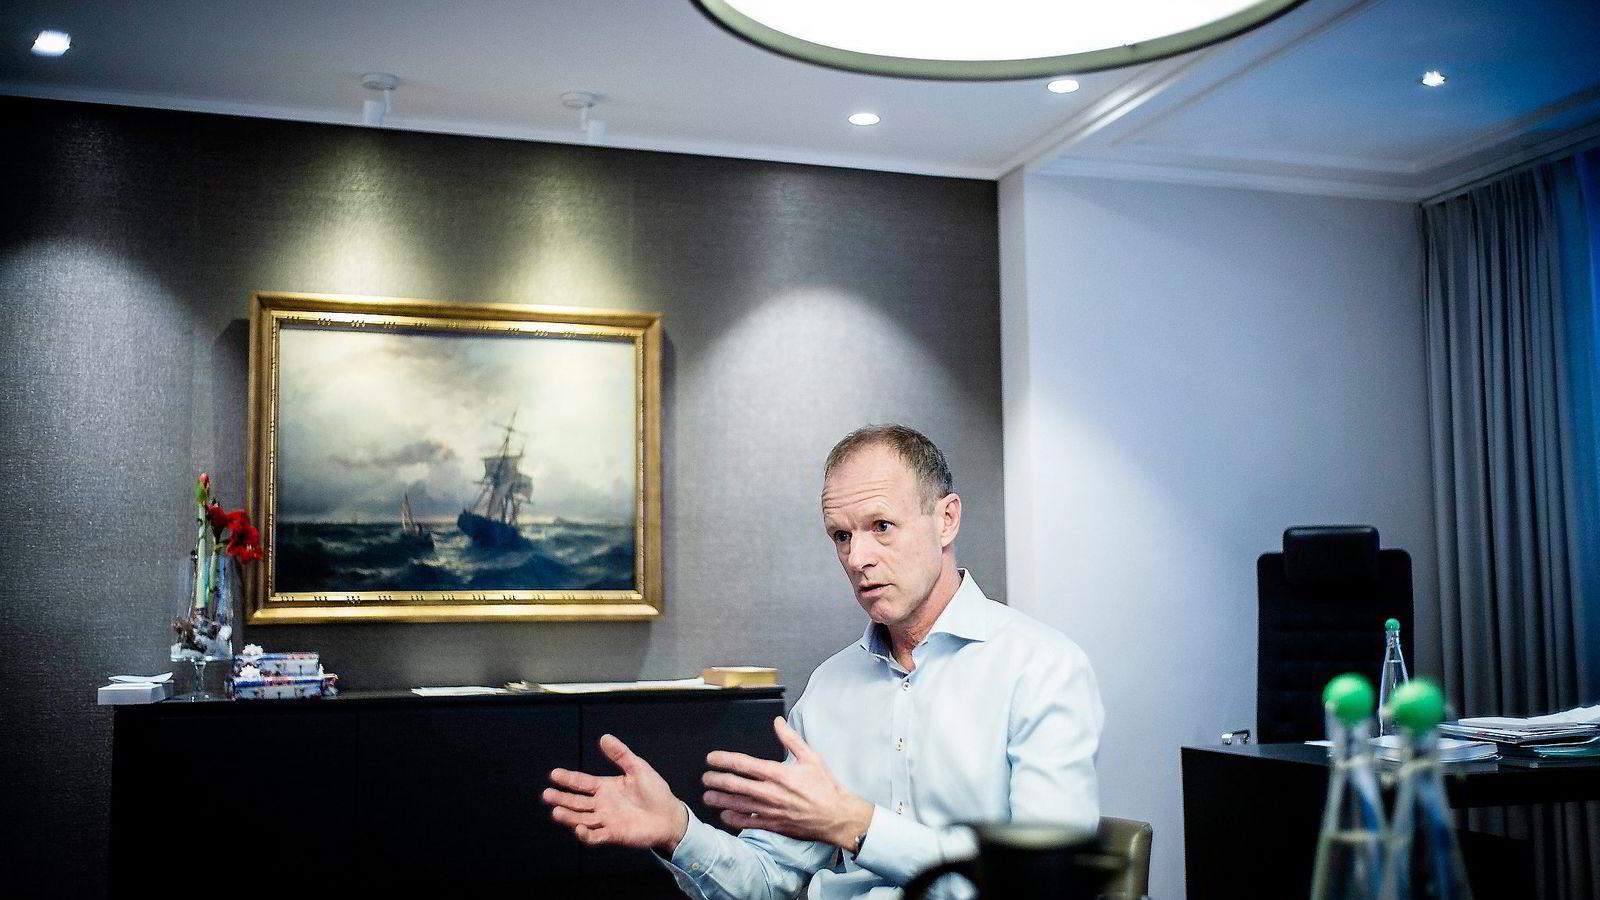 Administrerende direktør Sturla Henriksen i Rederiforbundet håper regjeringen serverer gode nyheter når den om kort tid den fremlegger sin nye maritime strategi.